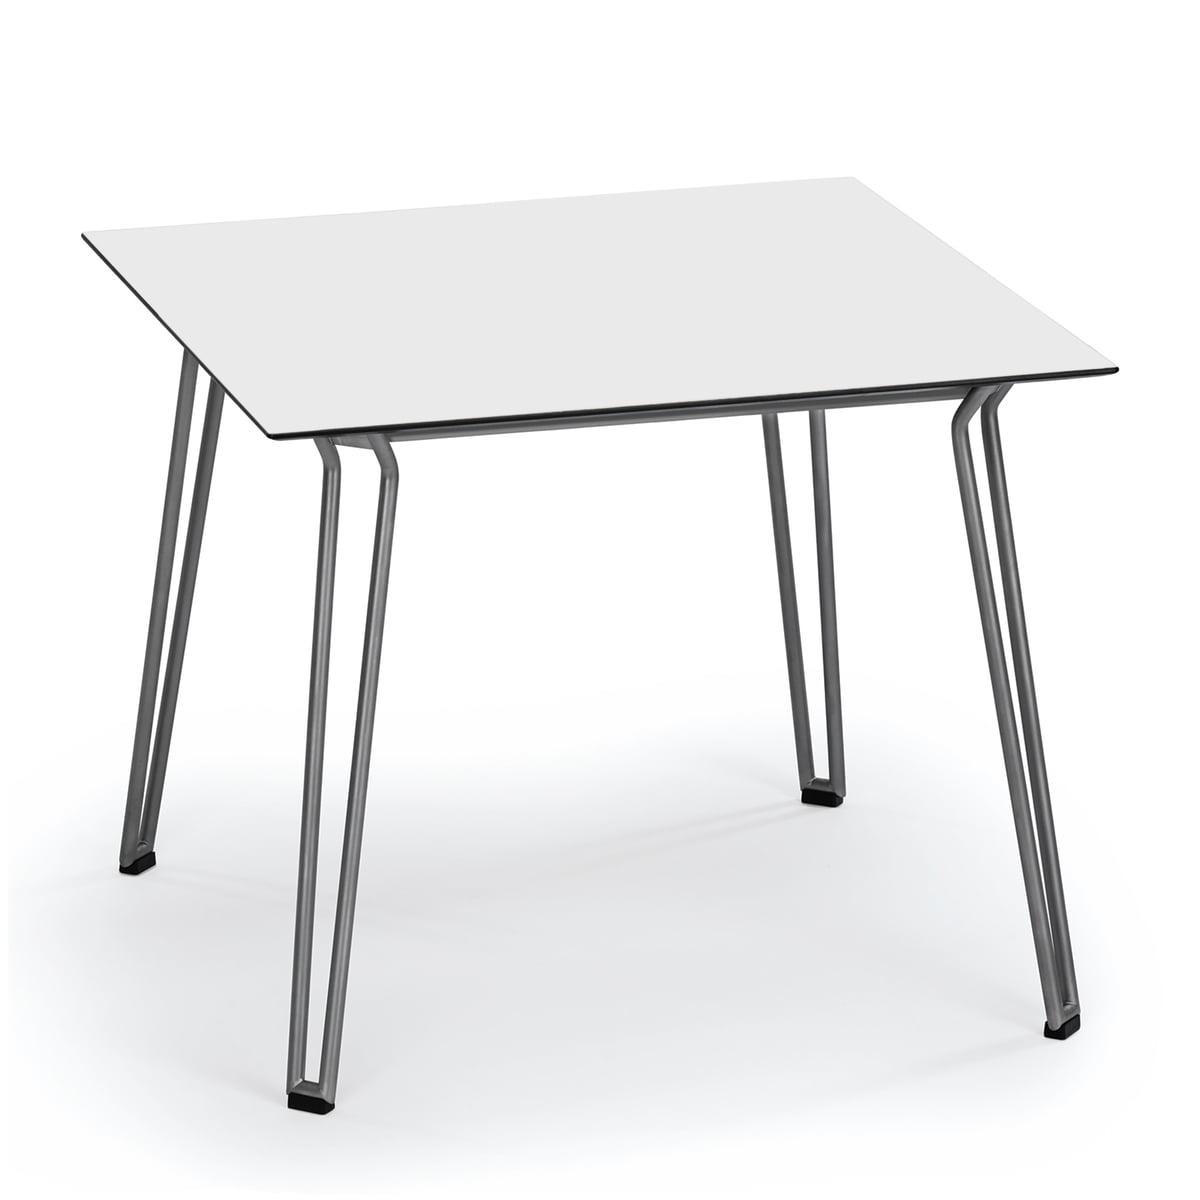 Slope Tisch von Weishäupl im Shop kaufen